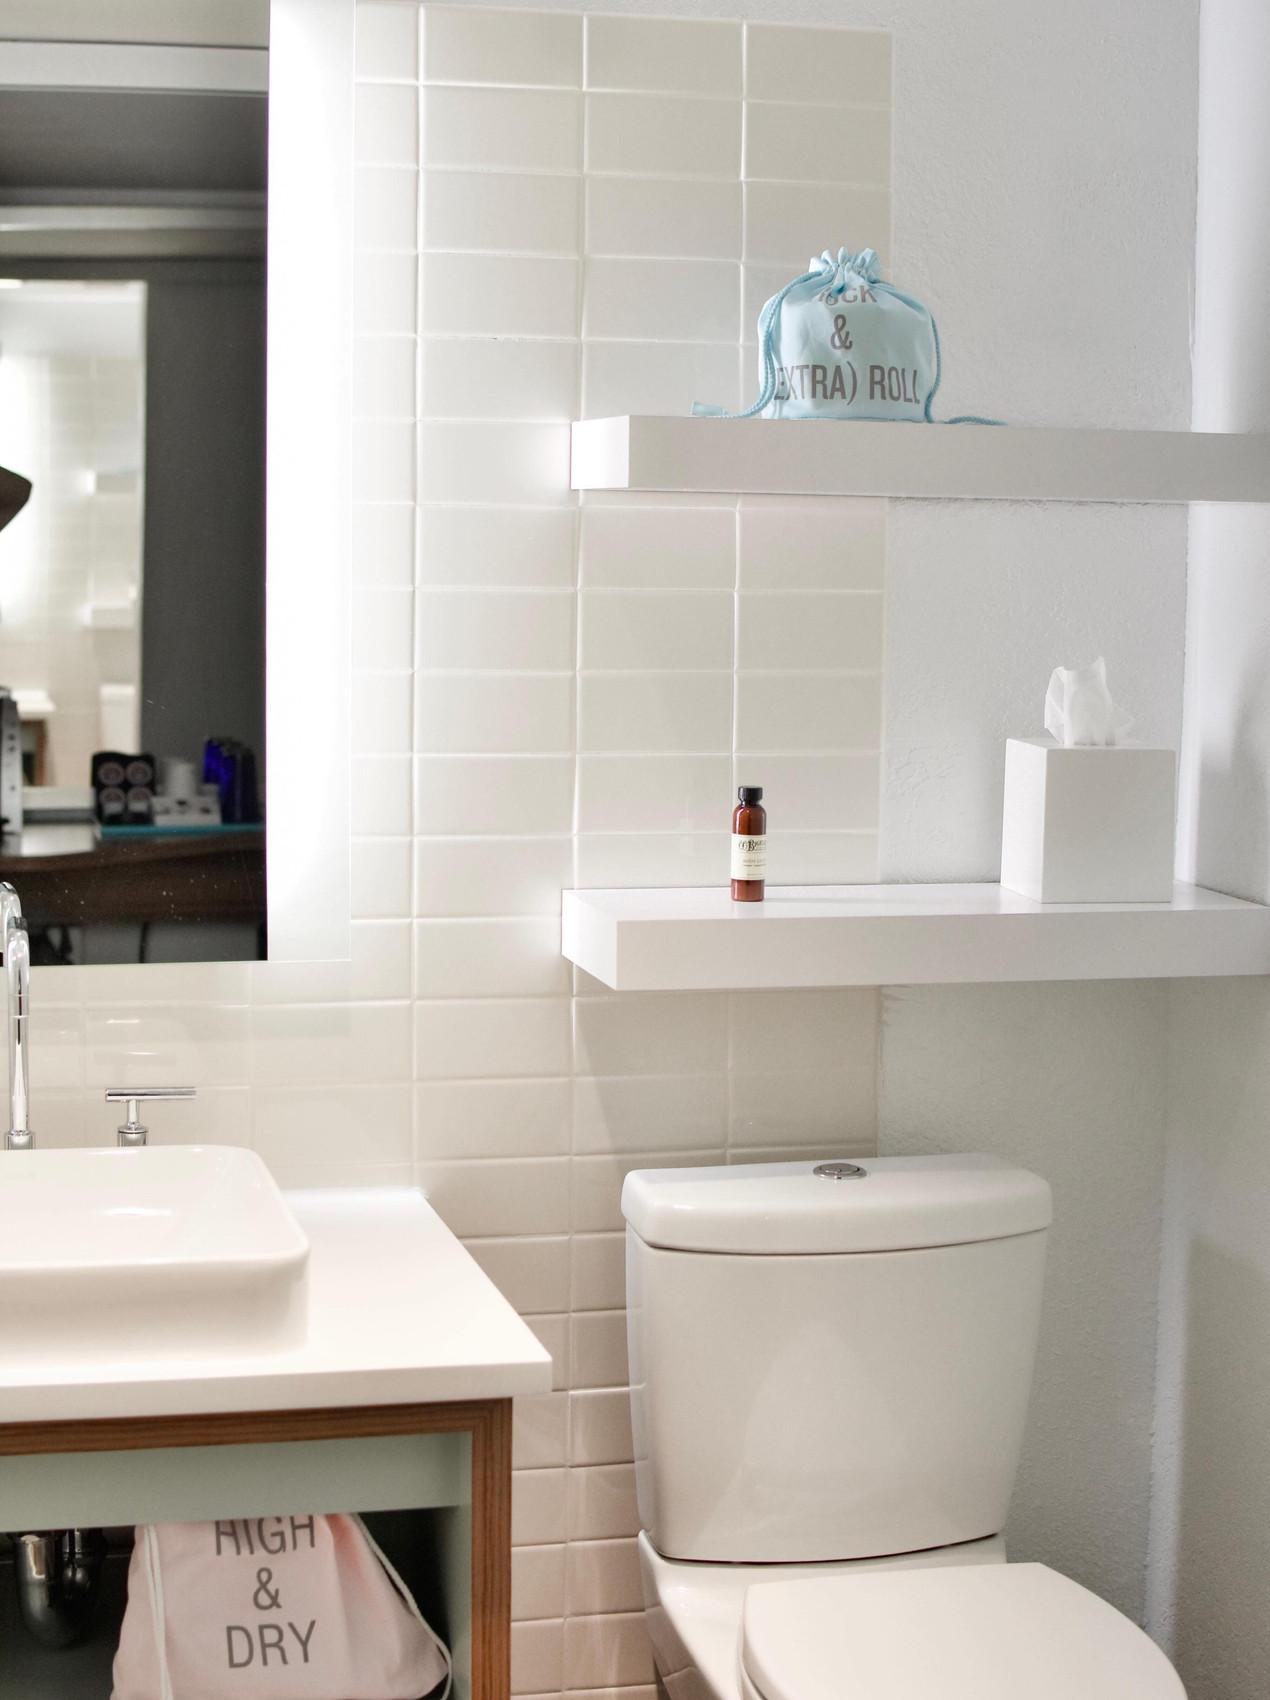 Baño blanco sostenible y limpio. Sisterna mas sostenible